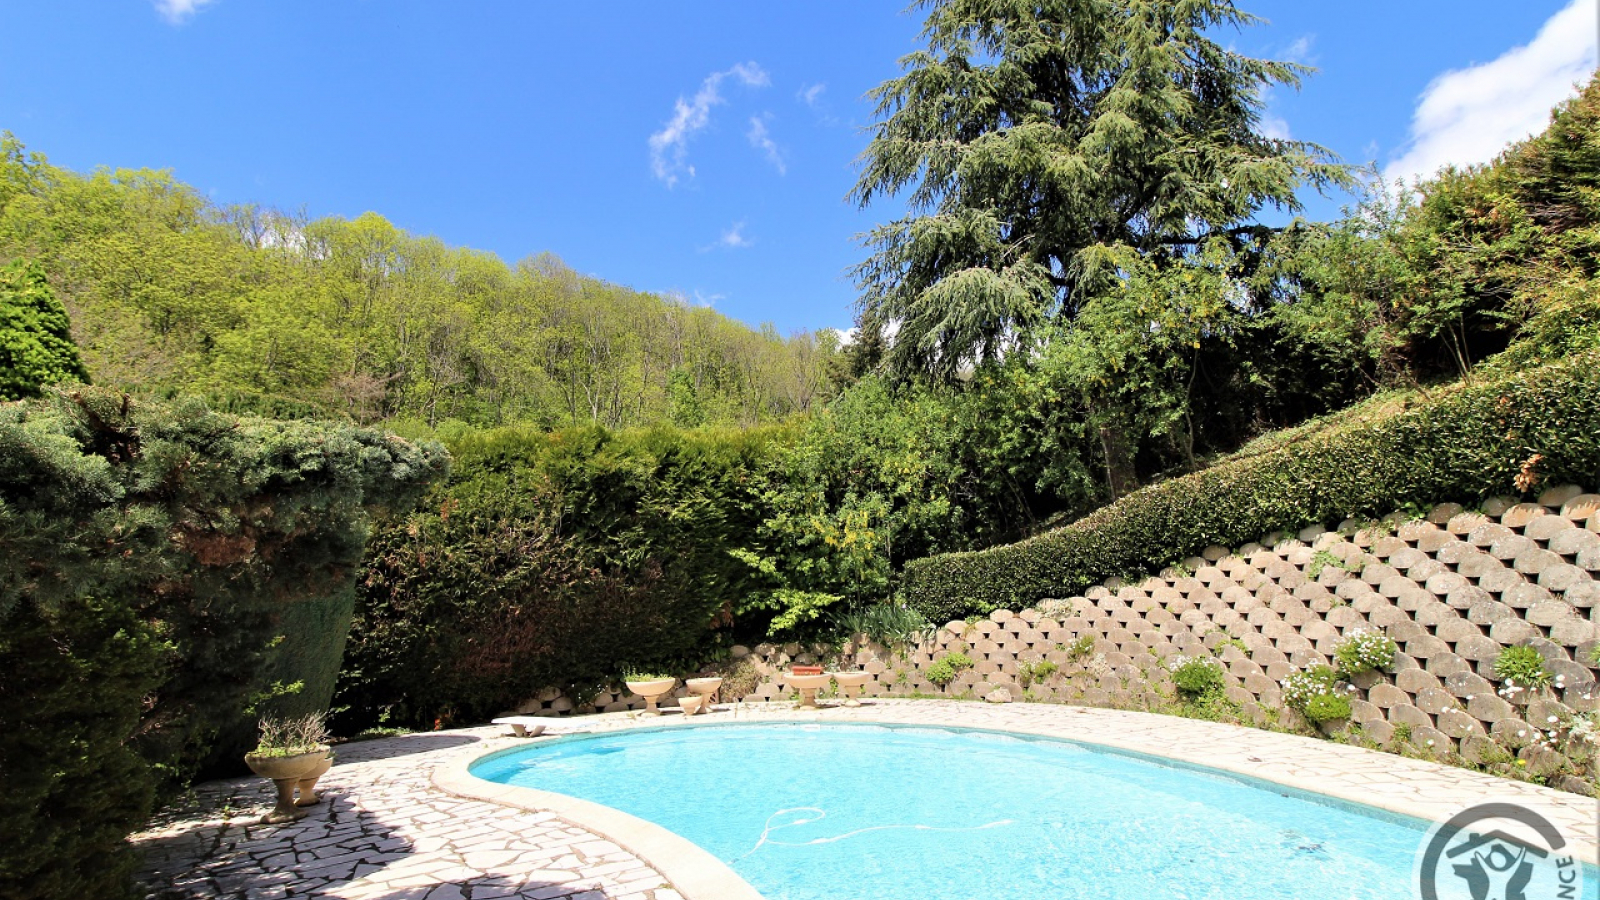 Chambres d'Hôtes 'Domaine de Romarand' à Quincié-en-Beaujolais, dans le Rhône : la piscine.